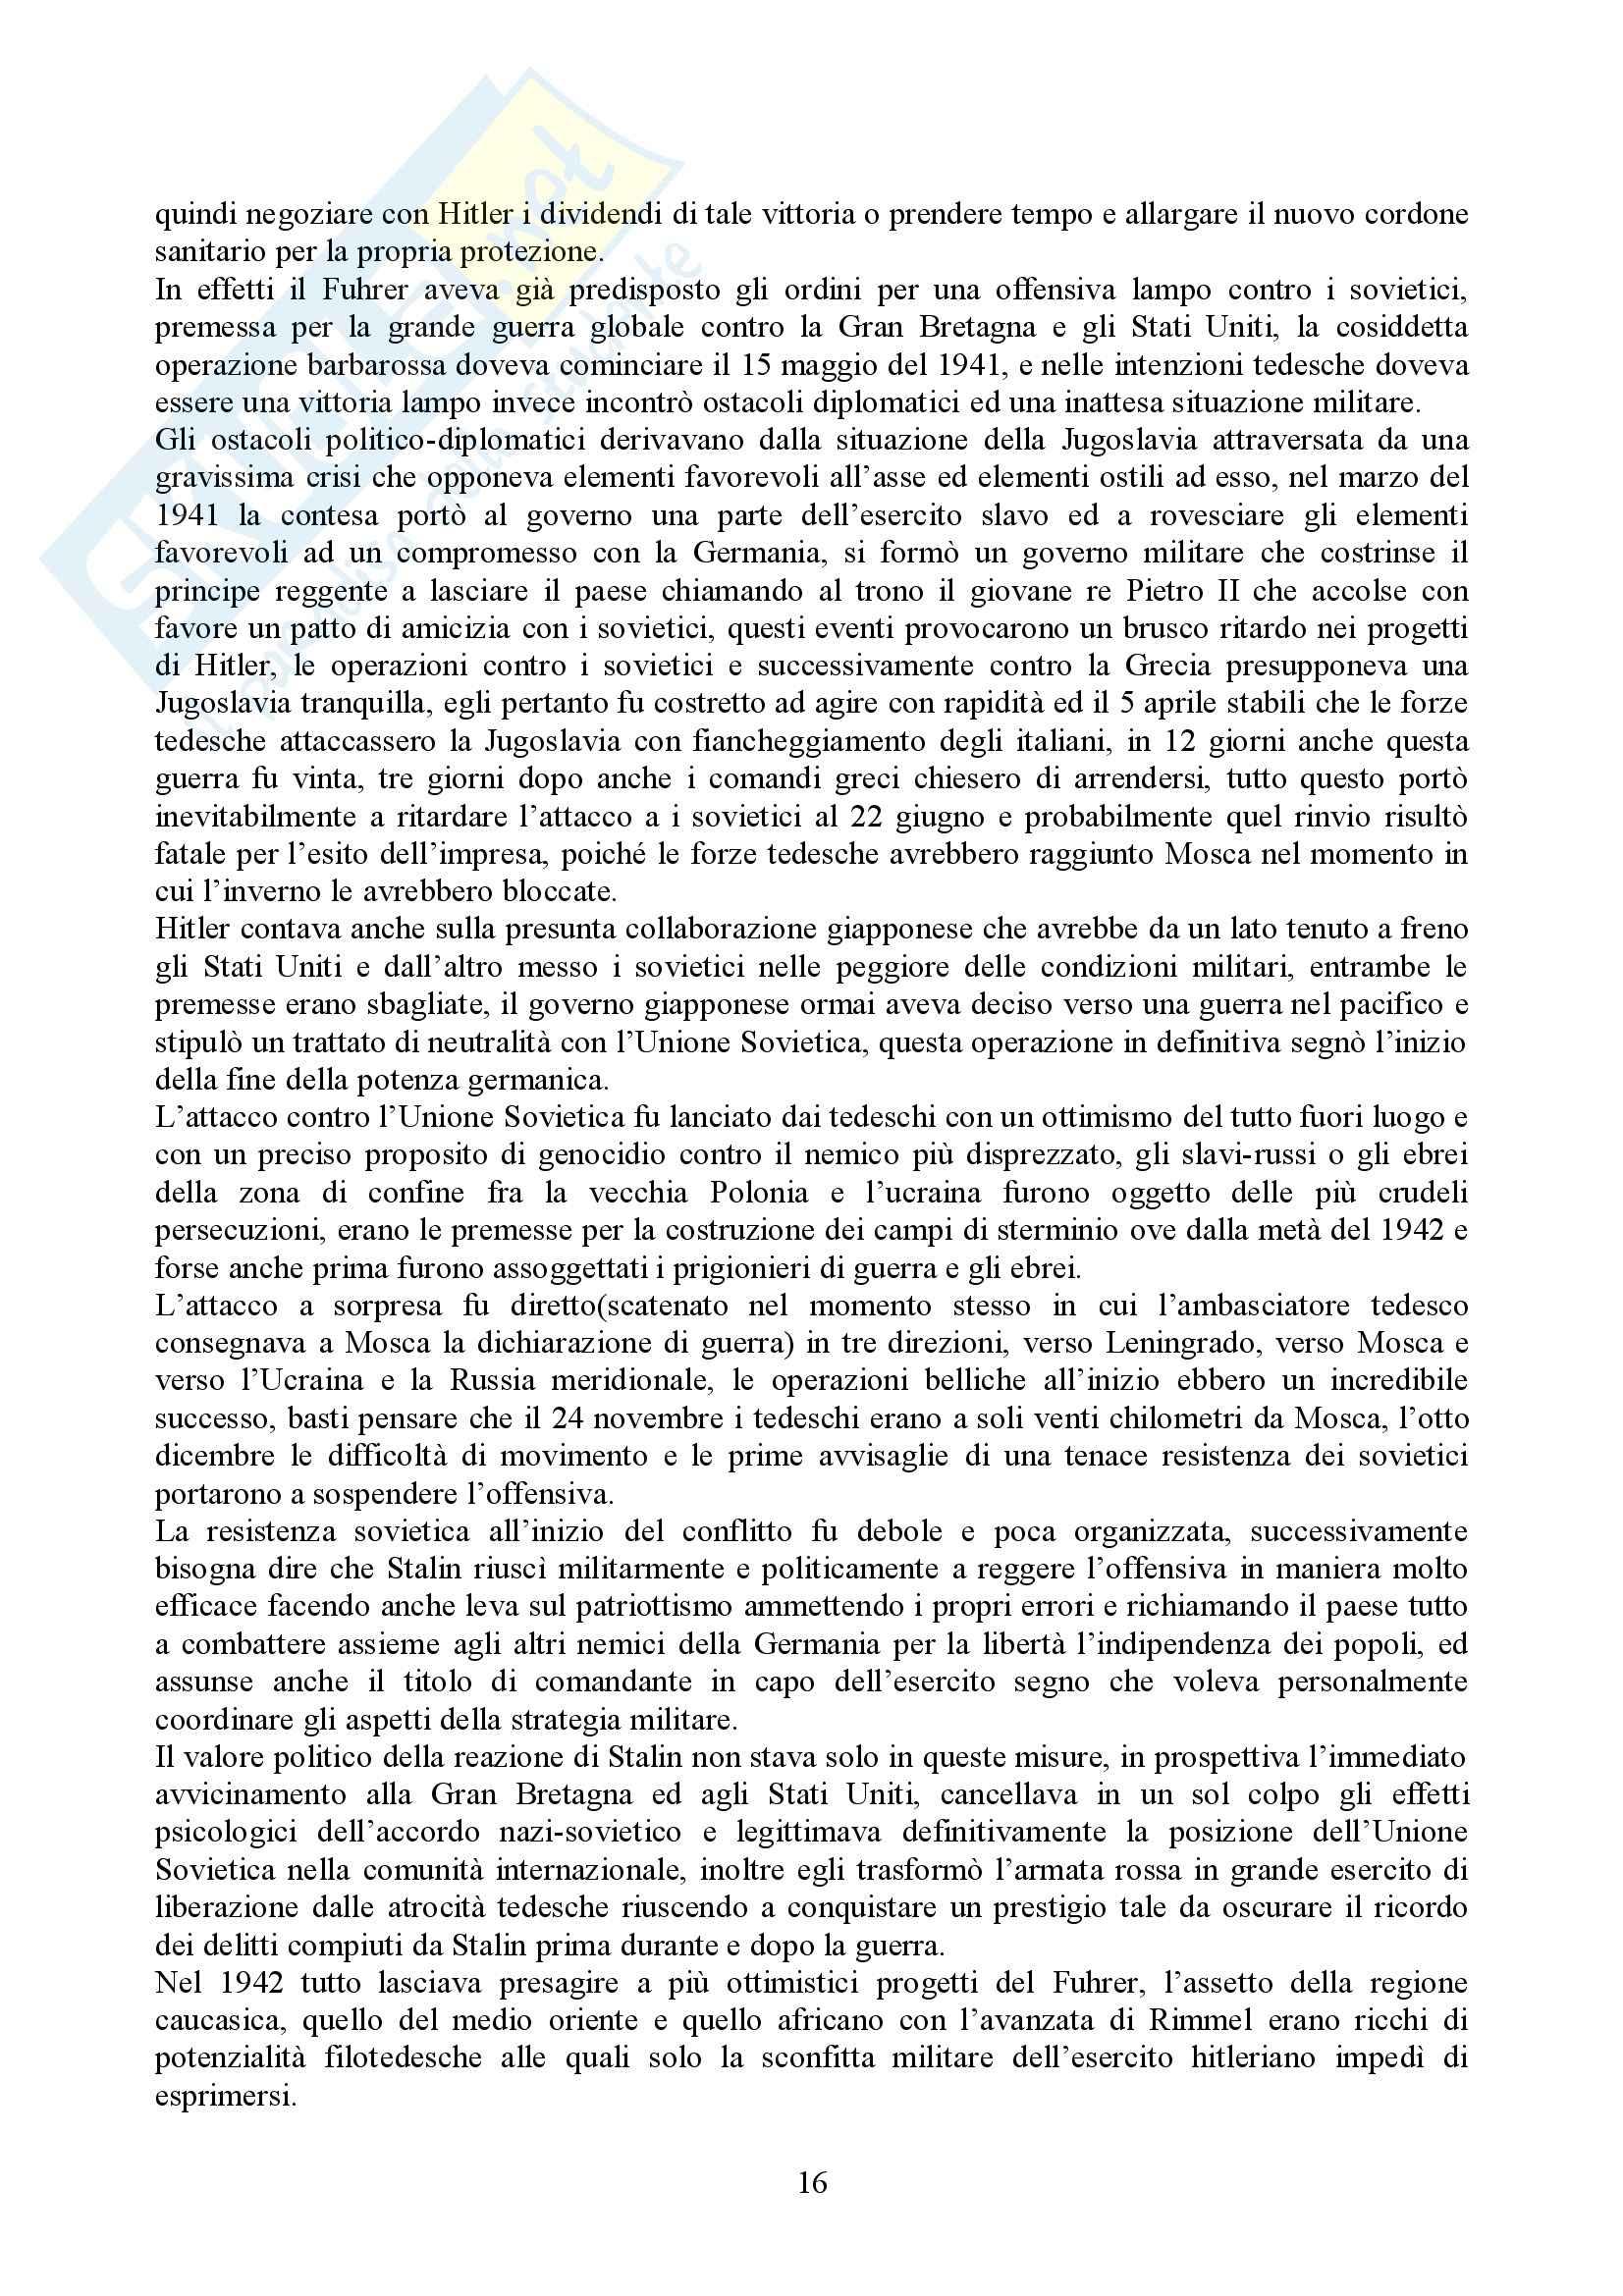 Riassunto esame Storia delle Relazioni Internazionali, prof. indefinito, libro consigliato Storia delle Relazioni Internazionali, Di Nolfo Pag. 16